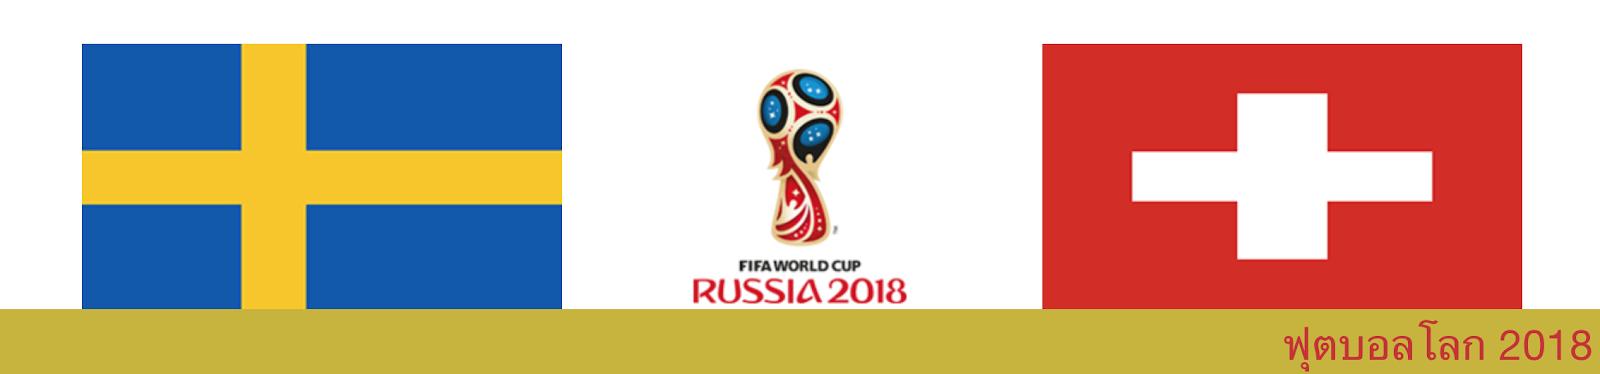 ดูบอลสด วิเคราะห์บอล ฟุตบอลโลก ระหว่าง สวีเดน vs สวิตเซอร์แลนด์